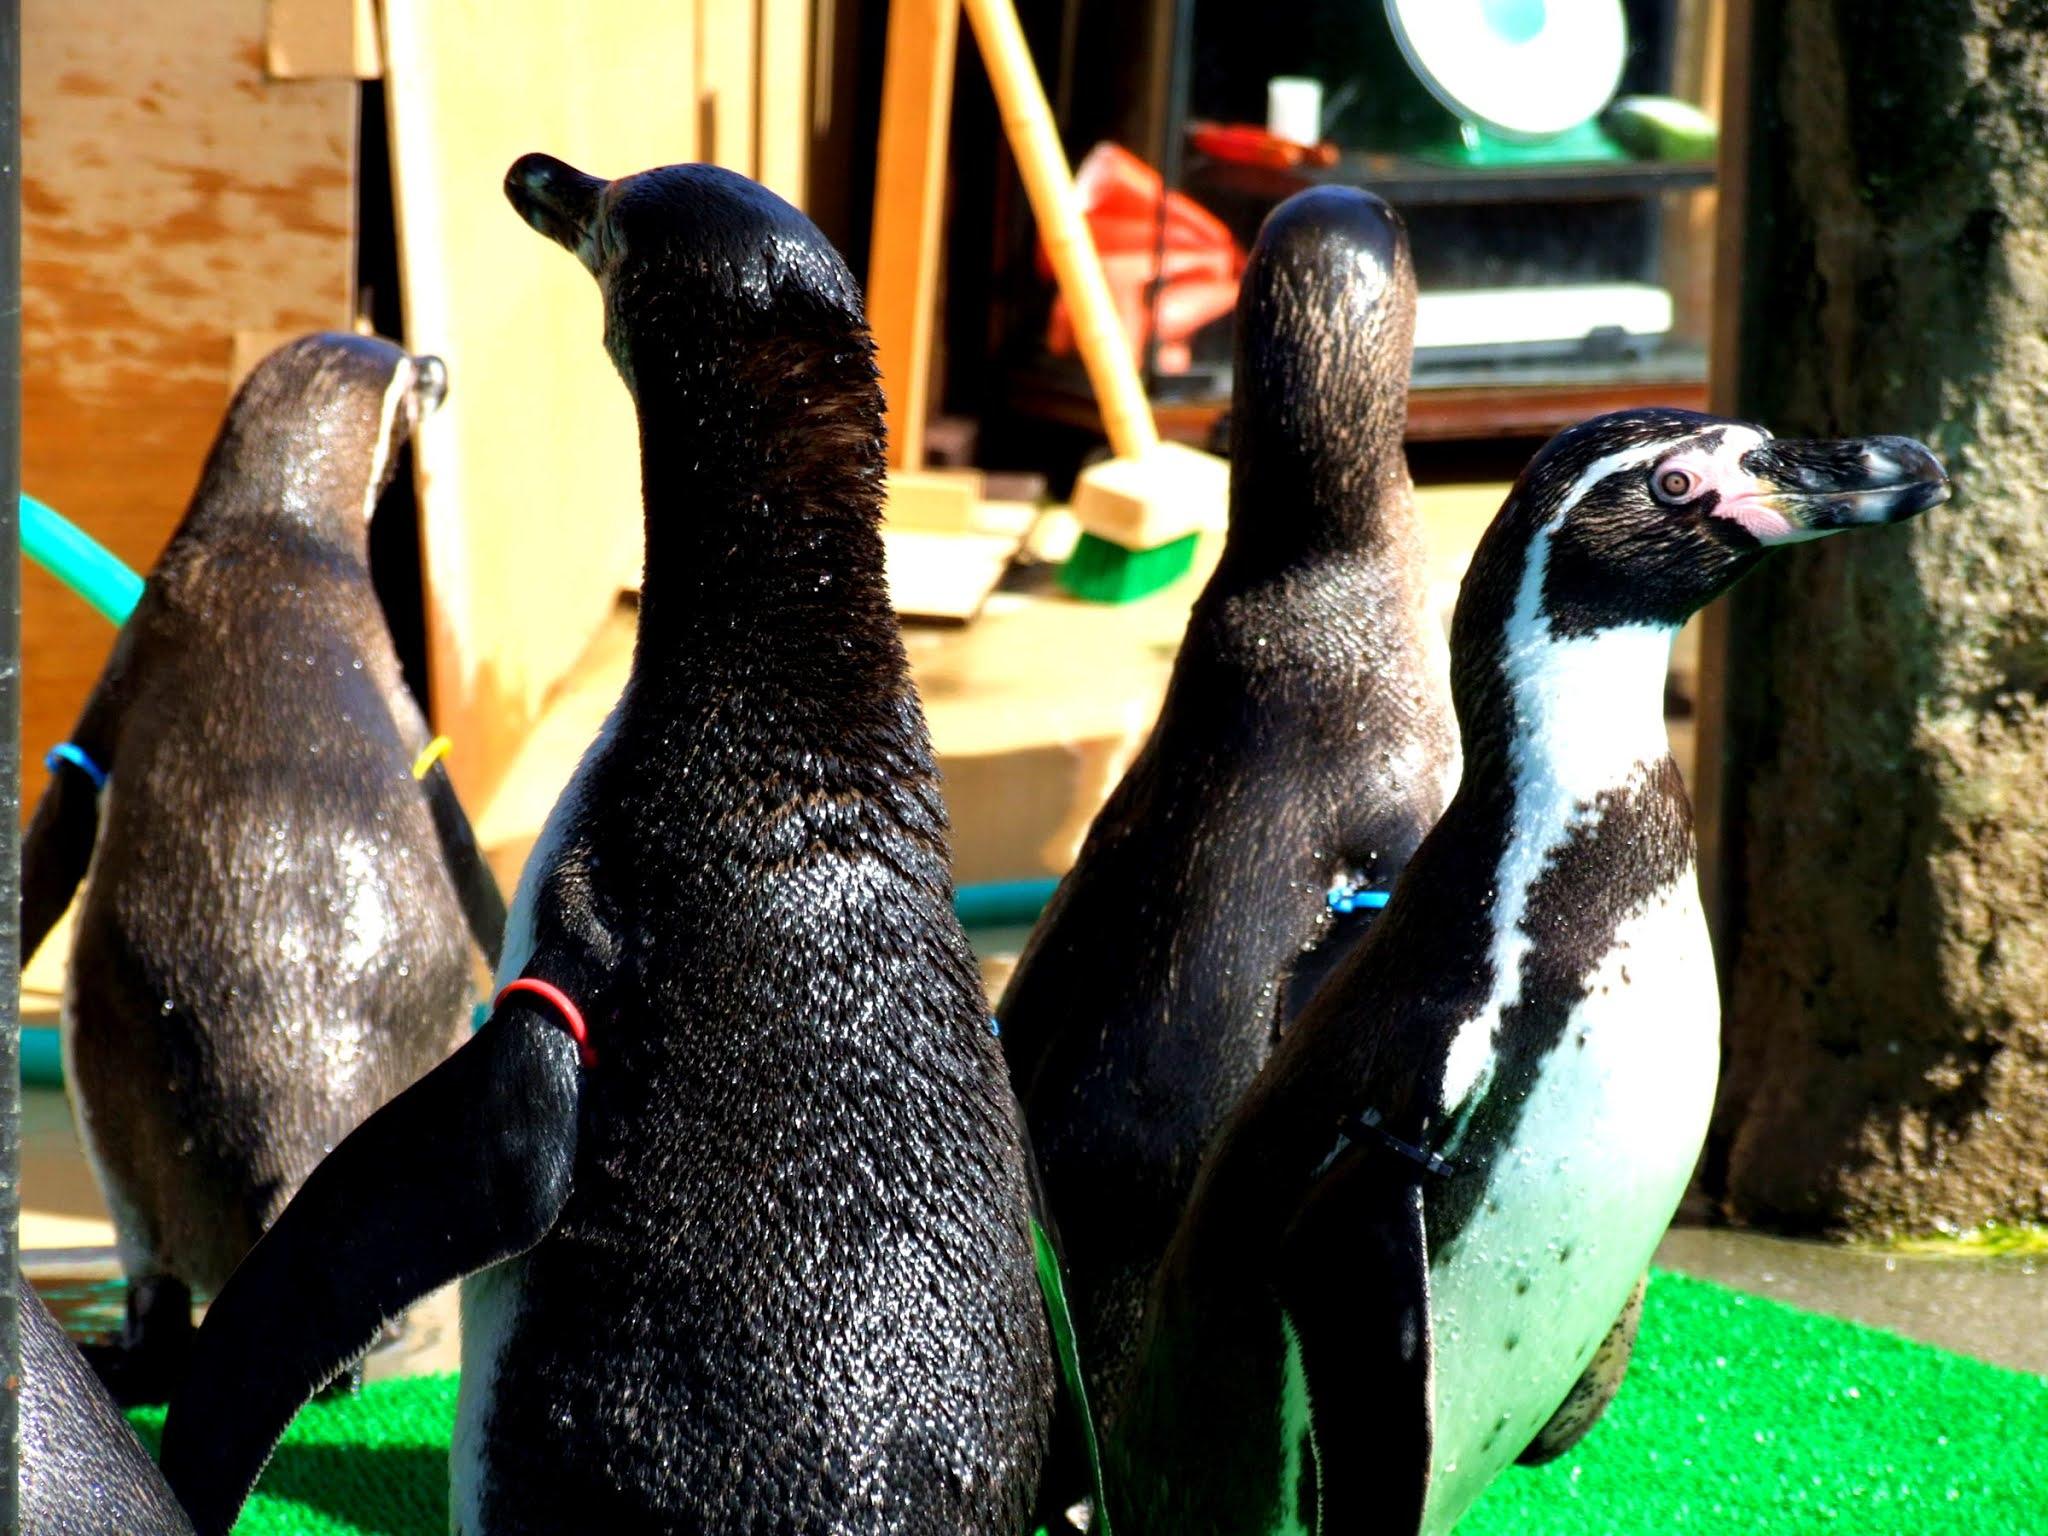 円になって集まって、思い思いに好きな方向を見つめているペンギンさんたちの写真素材です。